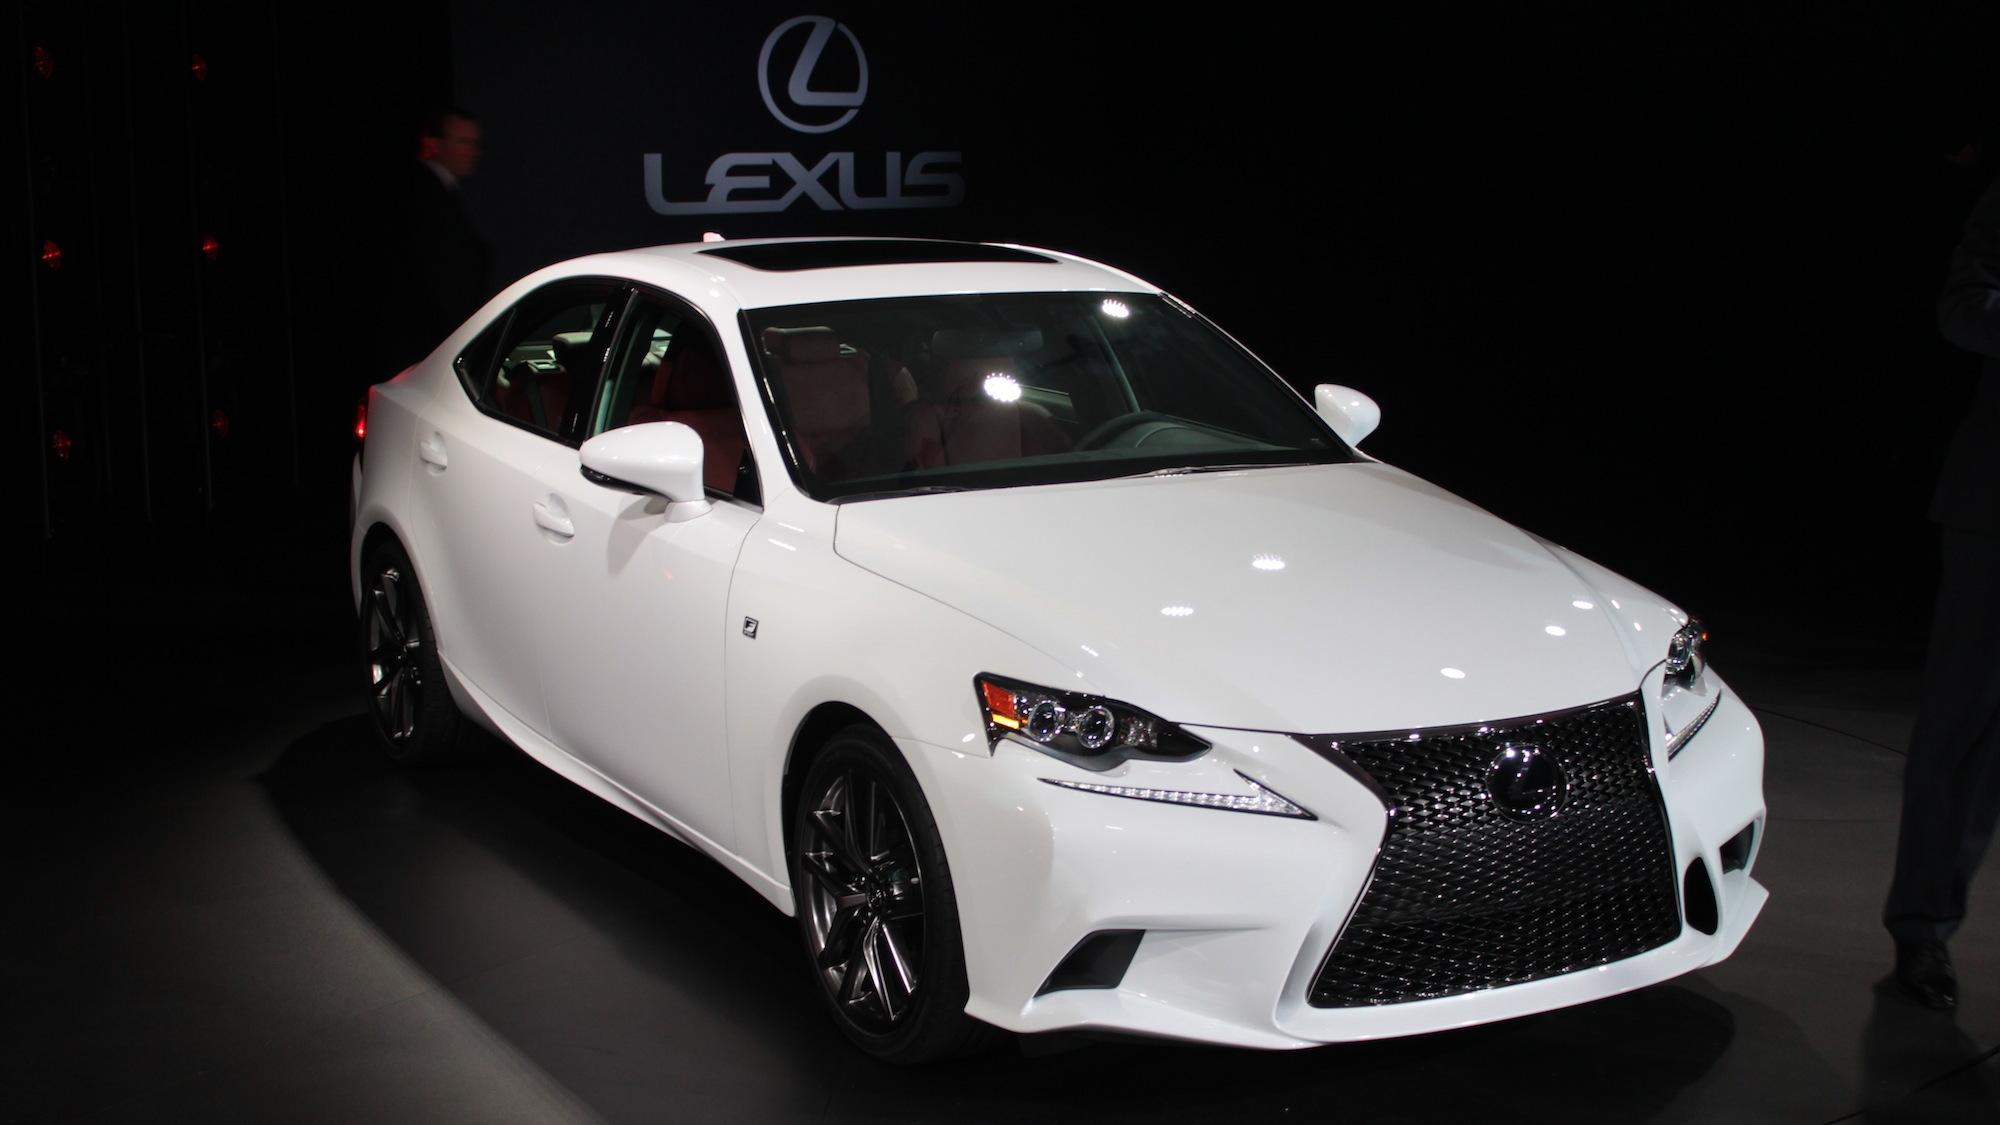 2014 Lexus IS 350 F Sport live photos, 2013 Detroit Auto Show